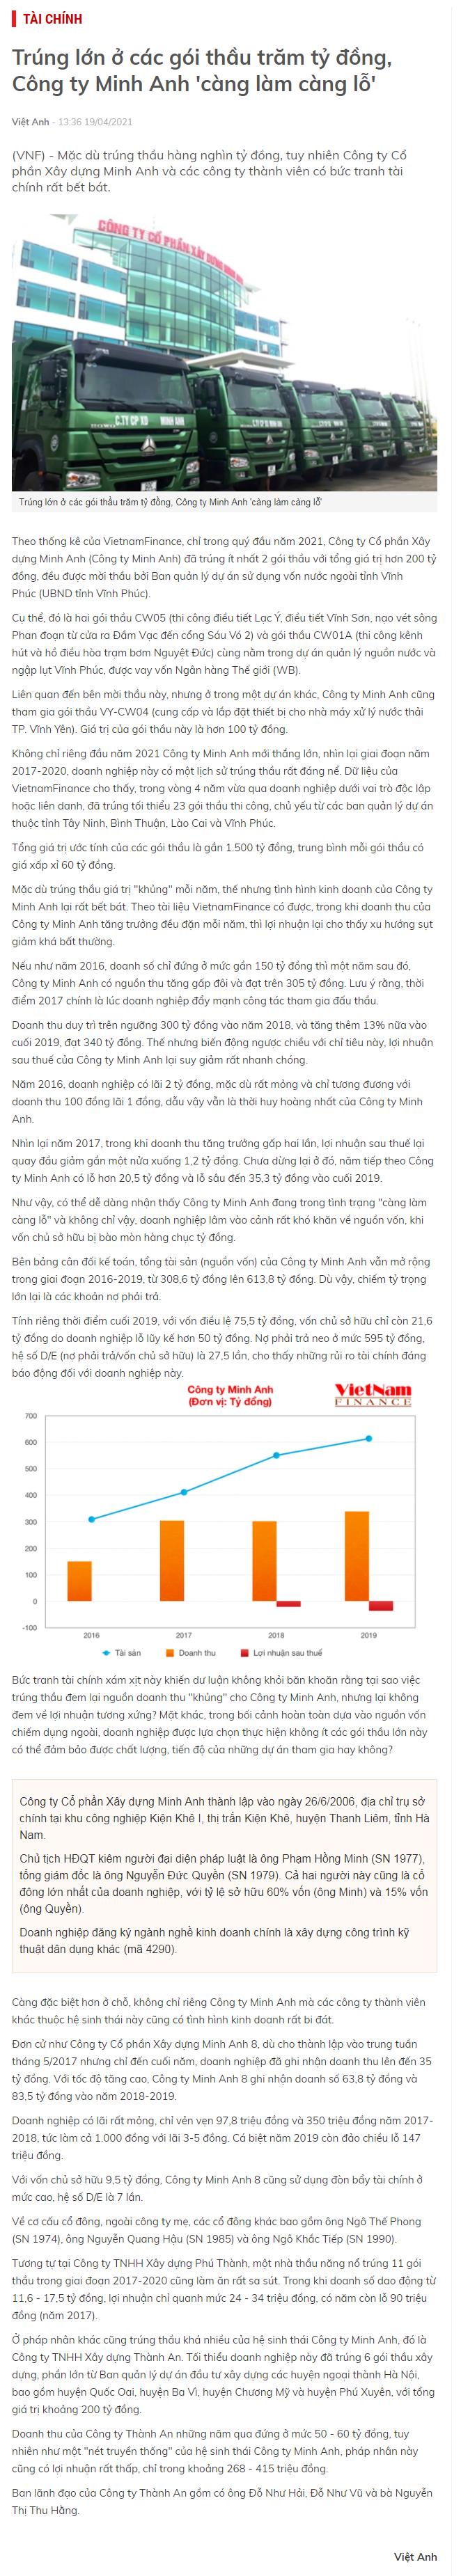 Bức tranh tài chính bết bát của Công ty Minh Anh: Trúng thầu trăm tỷ vẫn không khá hơn? - Ảnh 1